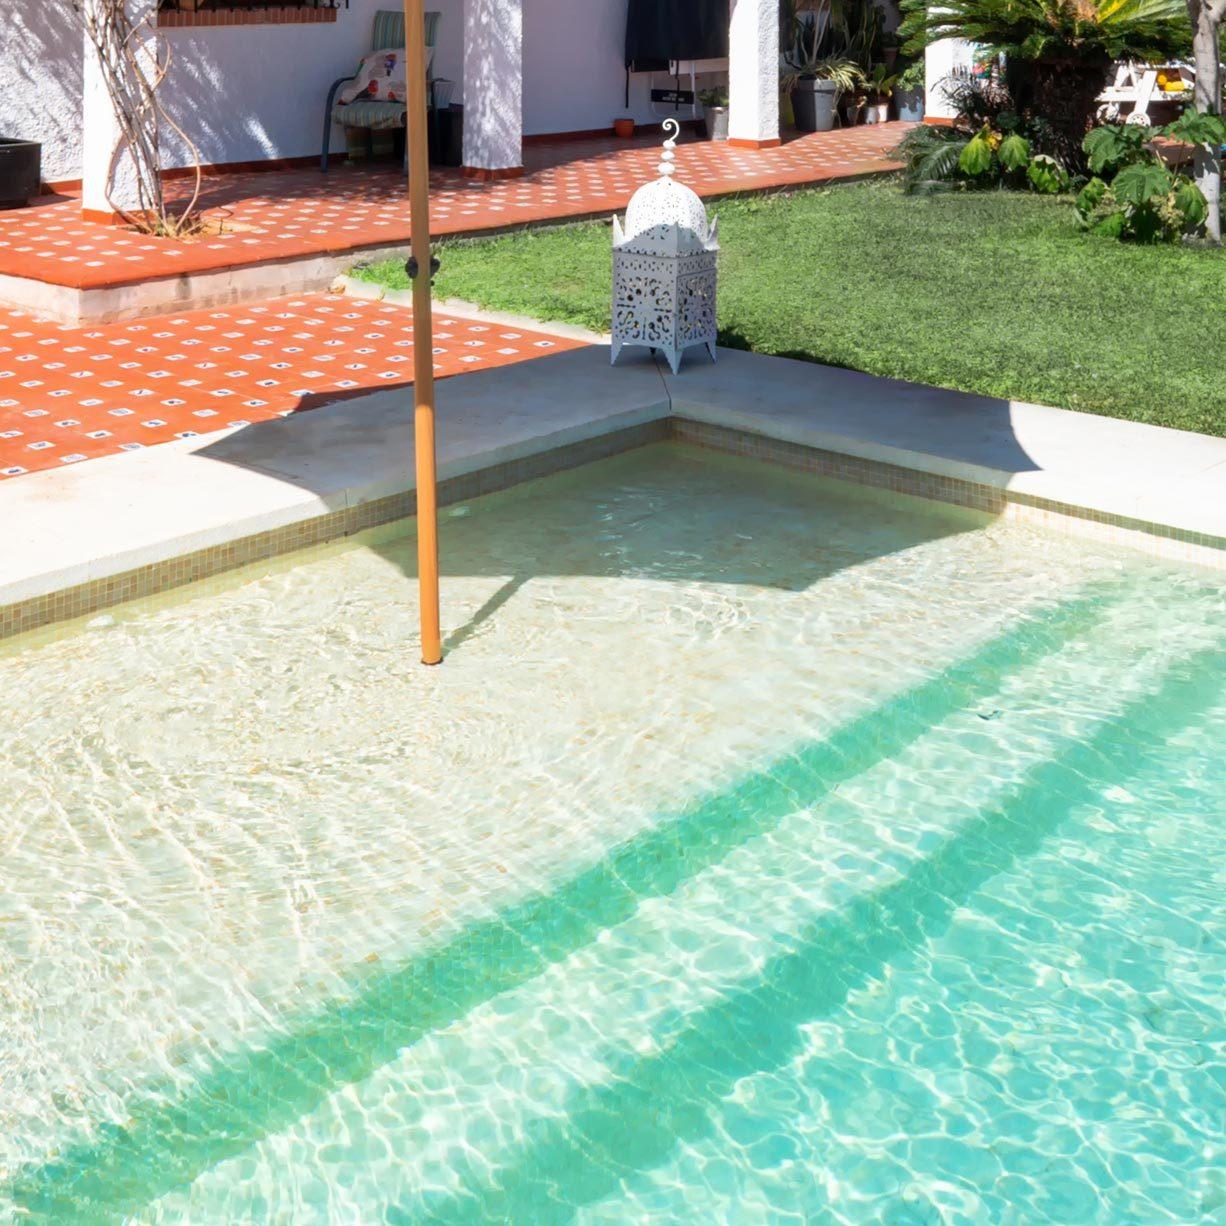 pool-ledge